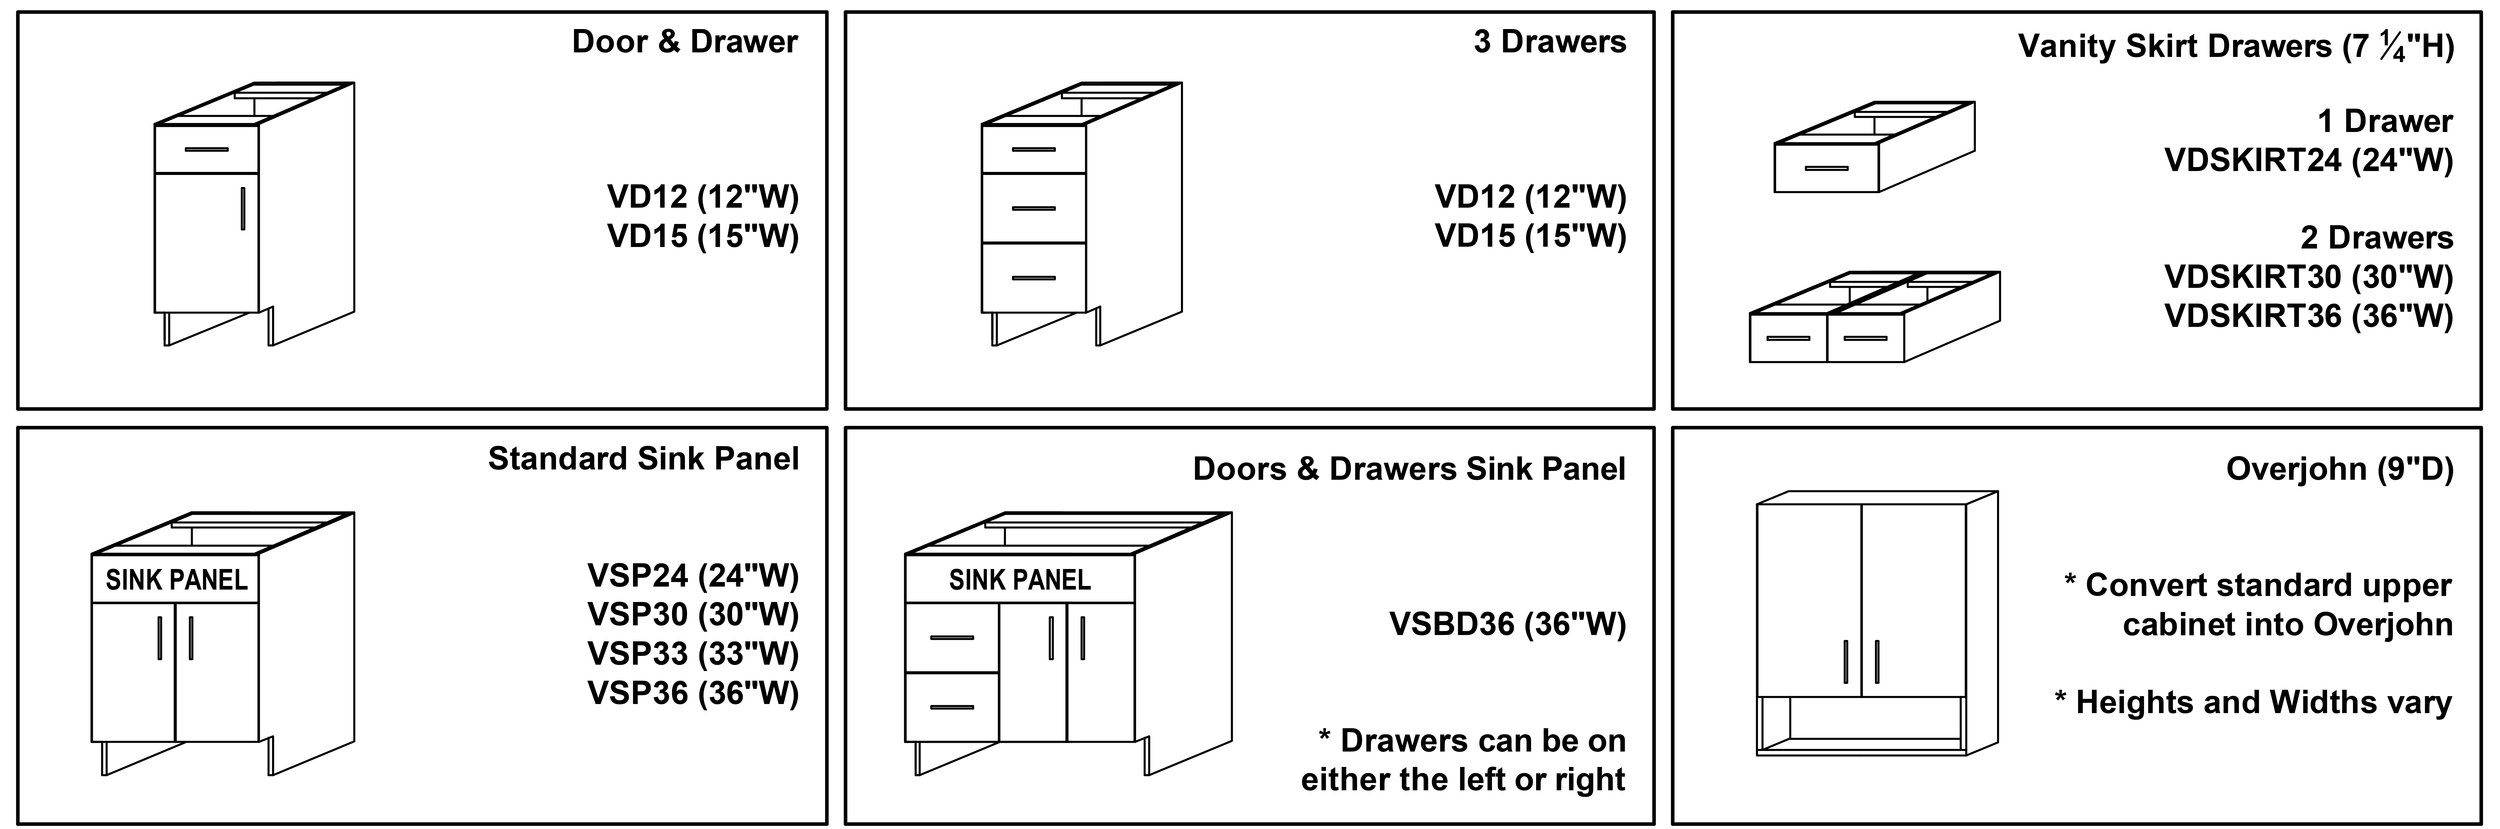 Cupbex Brochure Vanities - Web.jpg